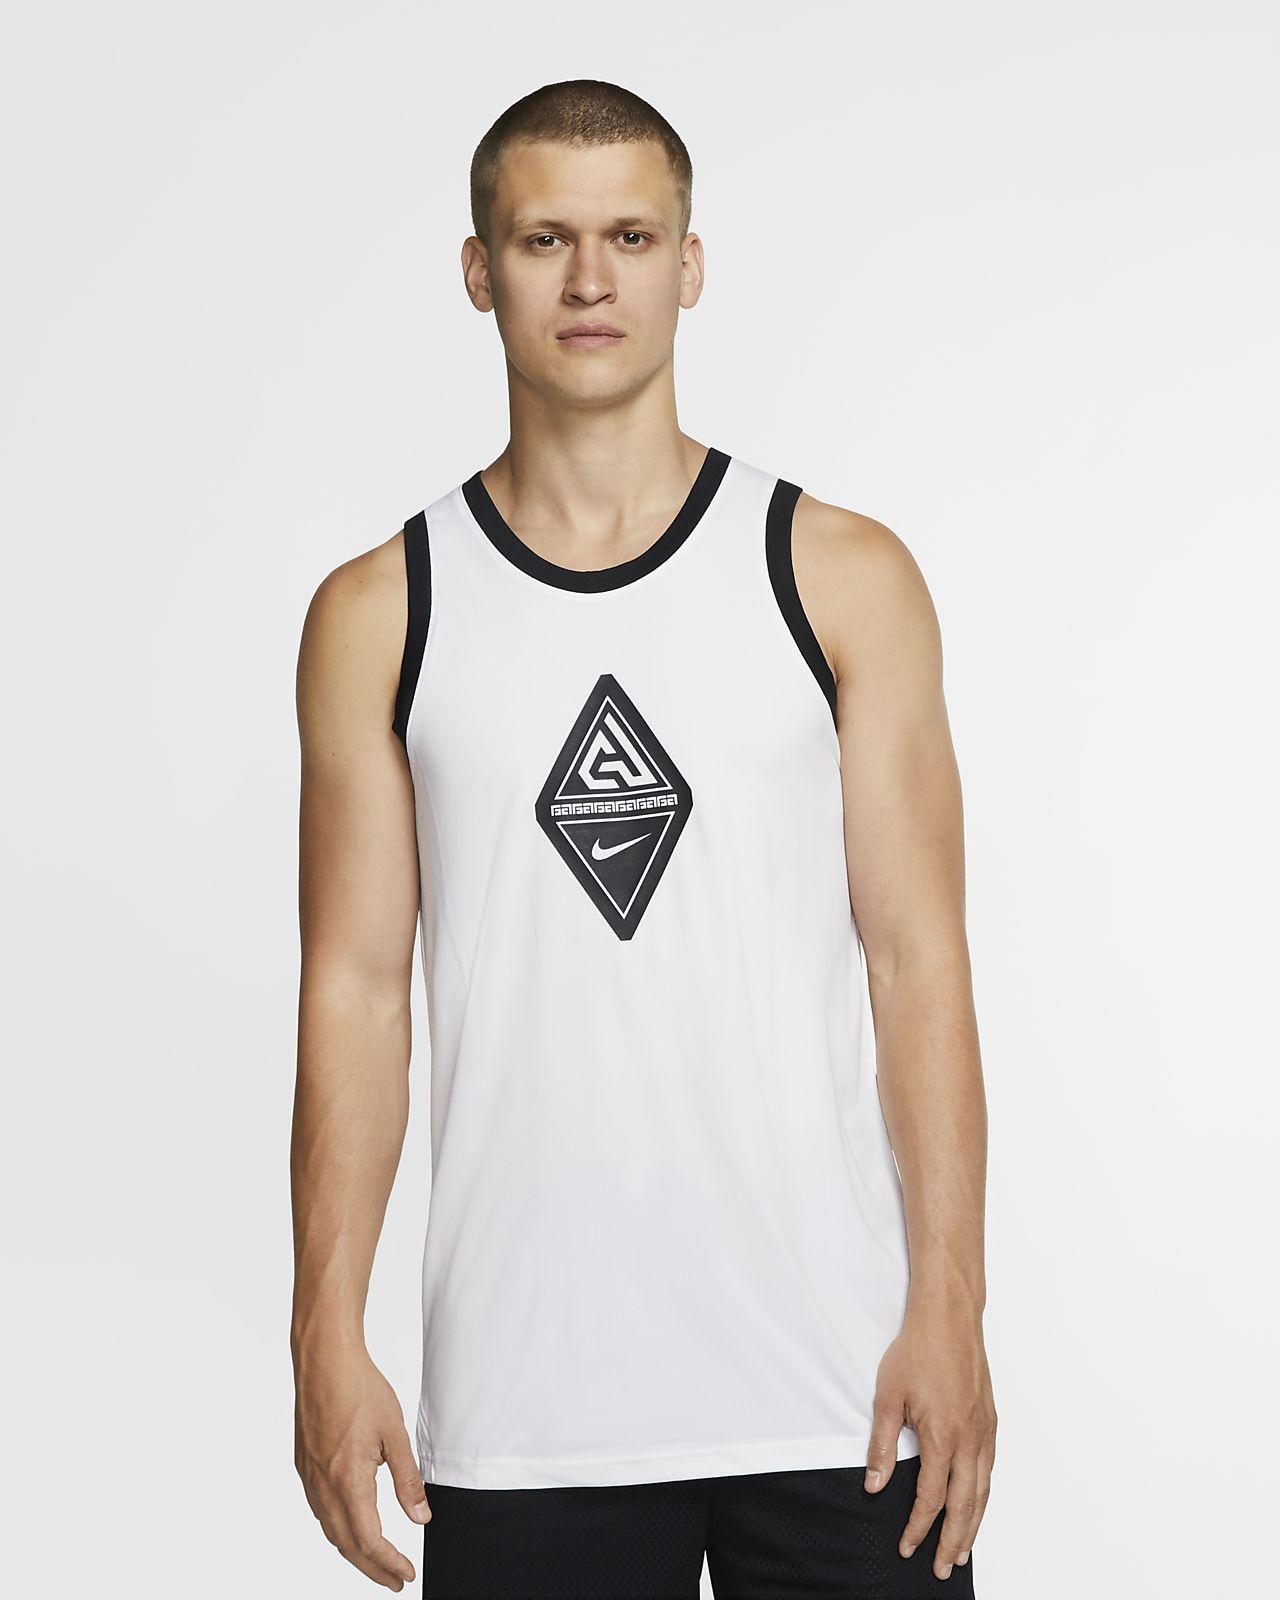 Ærmeløs Giannis-basketballtrøje med logo til mænd